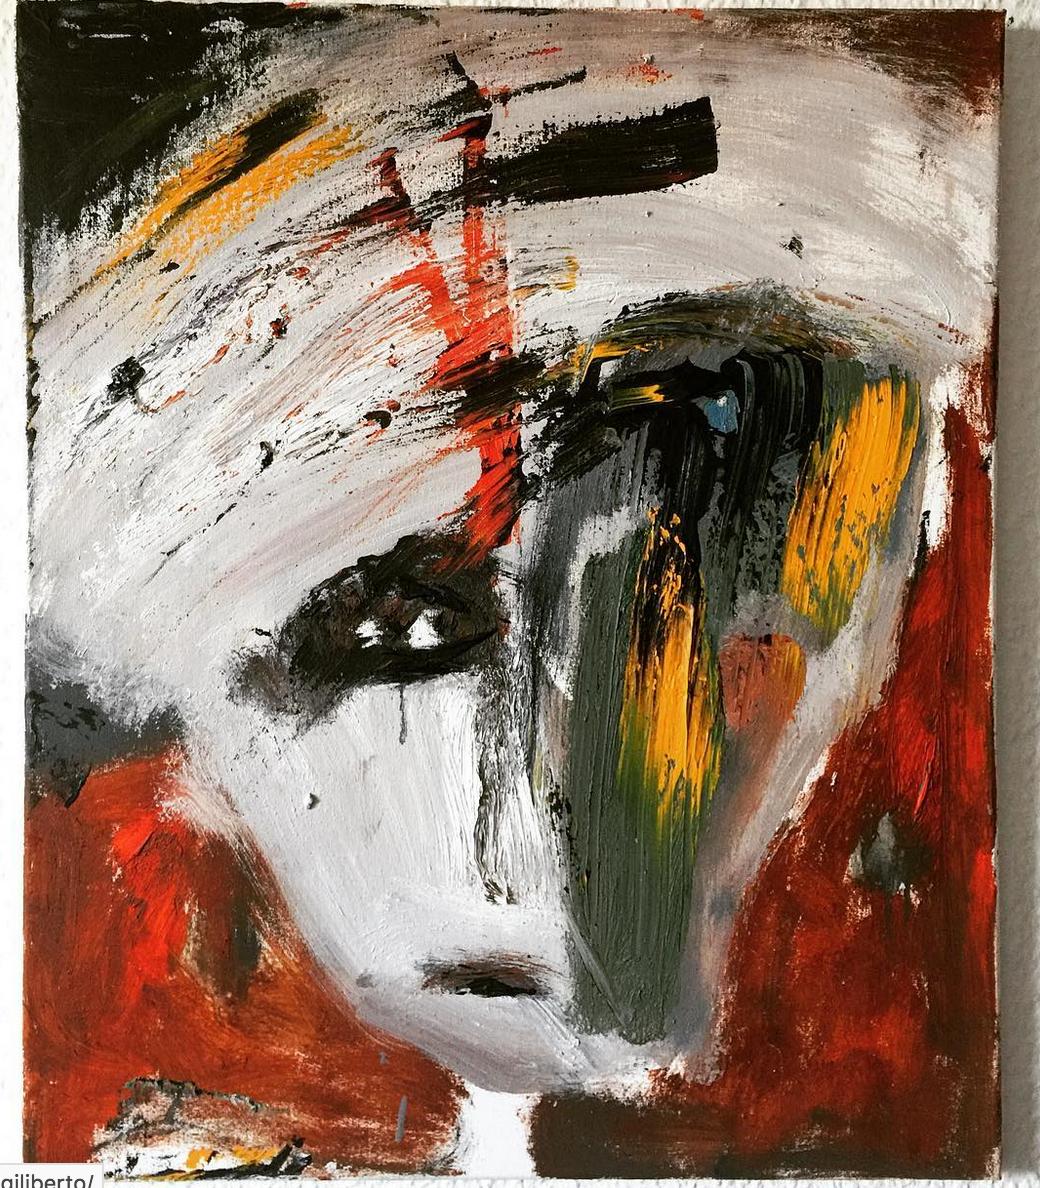 """Künstler Bilder """"Faces: Loved"""" Künstlerin Kvila Bristenia, 50x60, Öl auf Leinwand, 11.2017 Künstler Bilder kaufen, Dresden Bilder online bestellen, Künstler Bilder online kaufen, Künstler Gemälde, Leinwandbild online kaufen, Bilder fürs Wohnzimmer"""